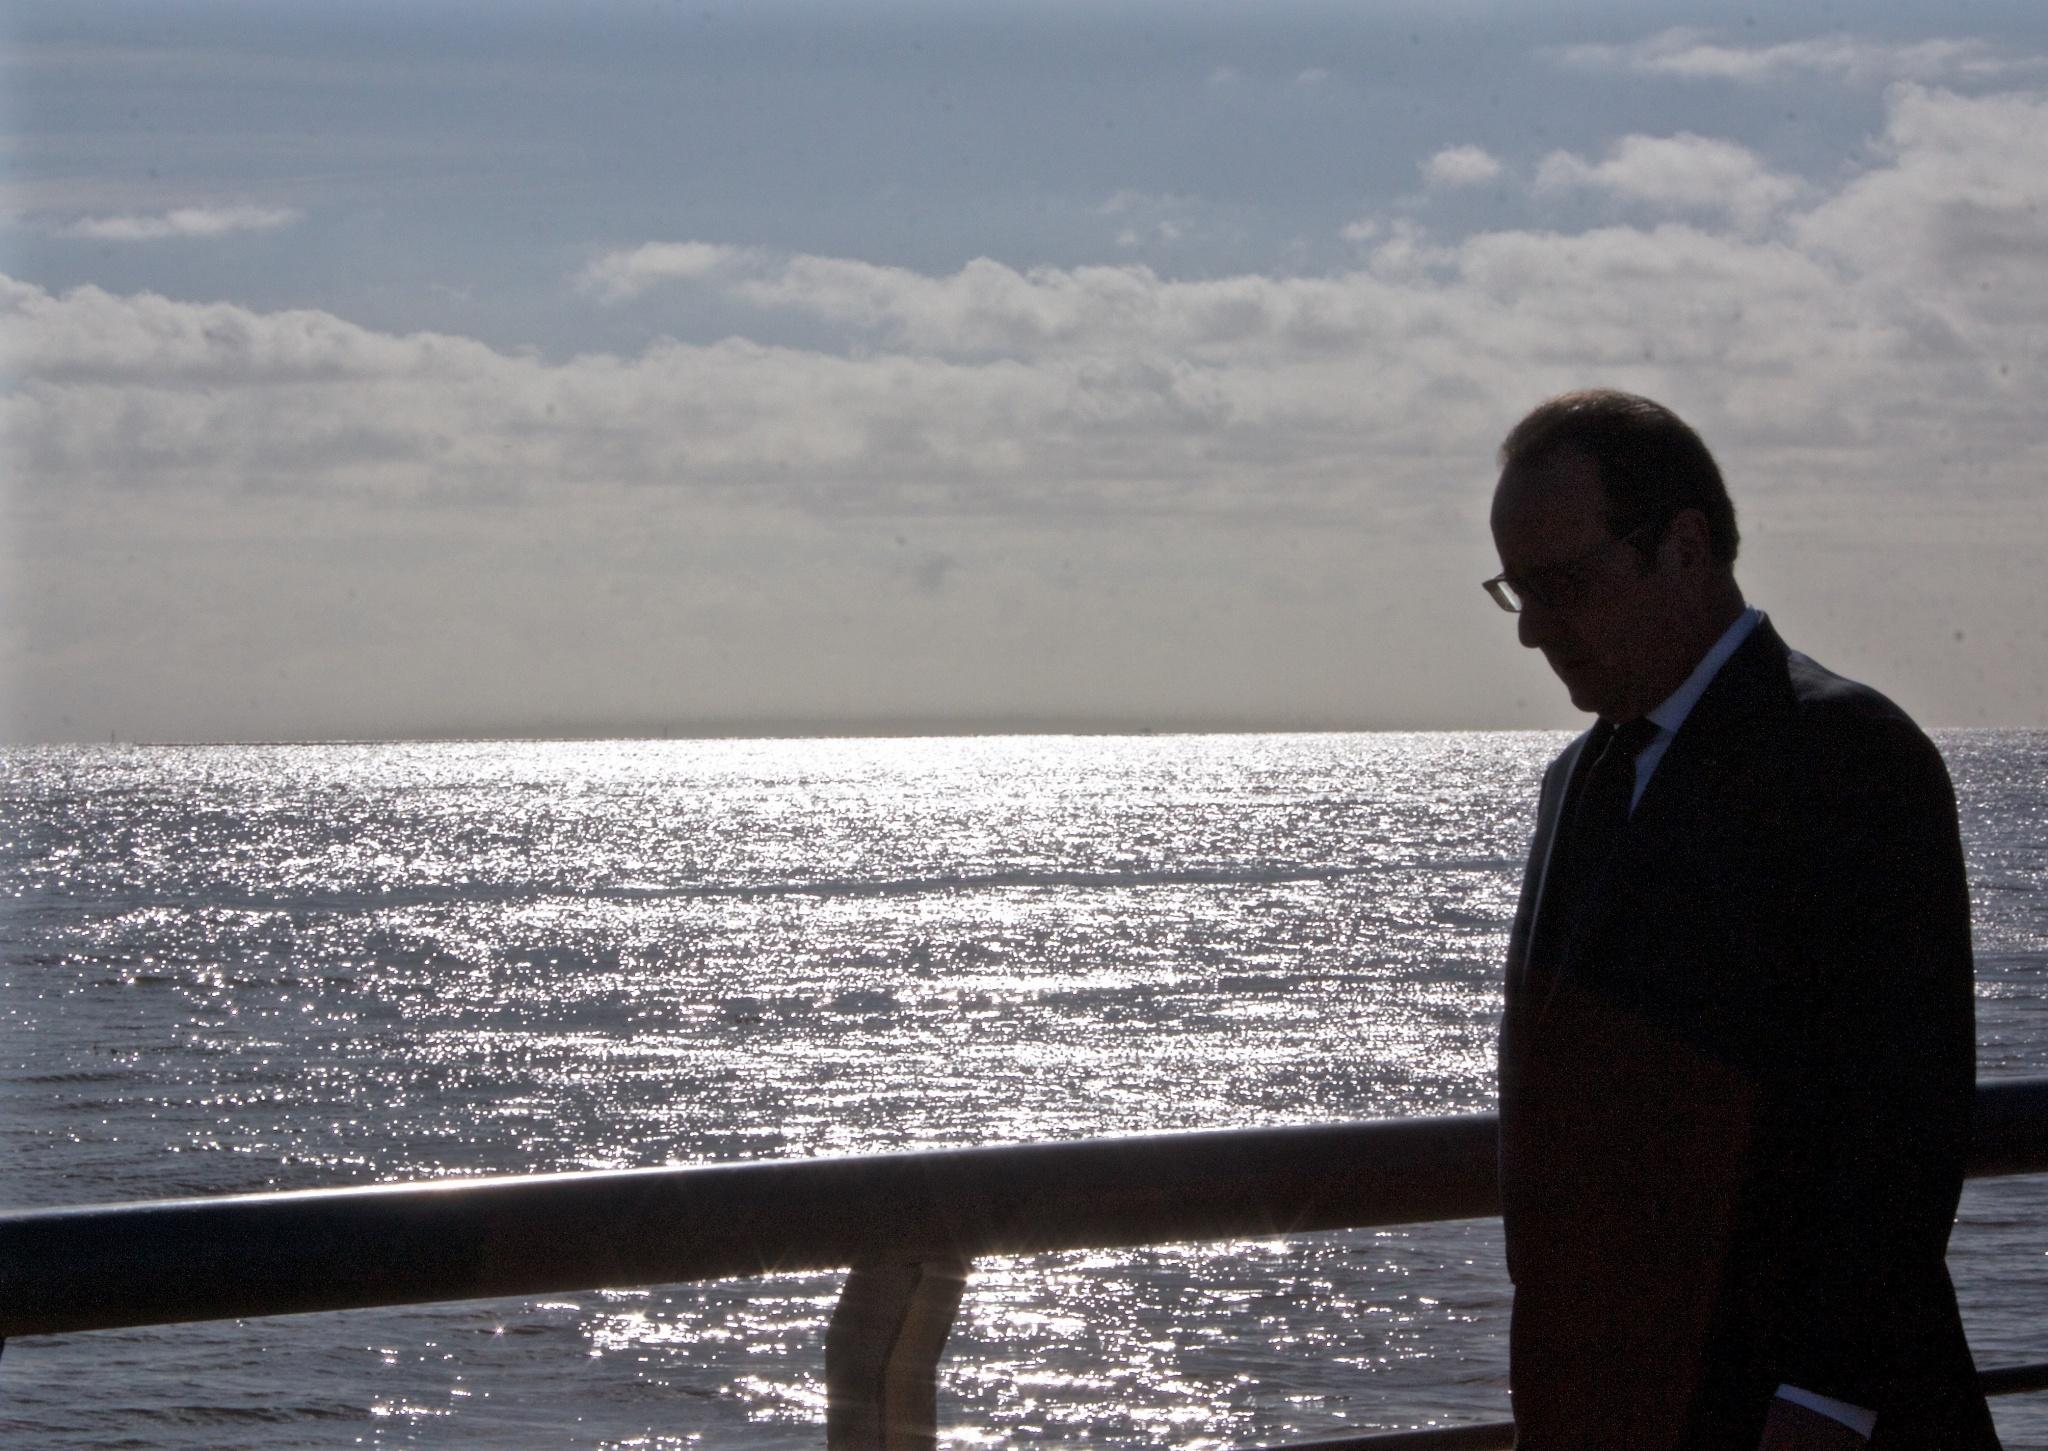 François Hollande lors de la visite du parc de la Mémoire, sur les rives du Rio de la Plata. Crédit photo : Justine Perez.